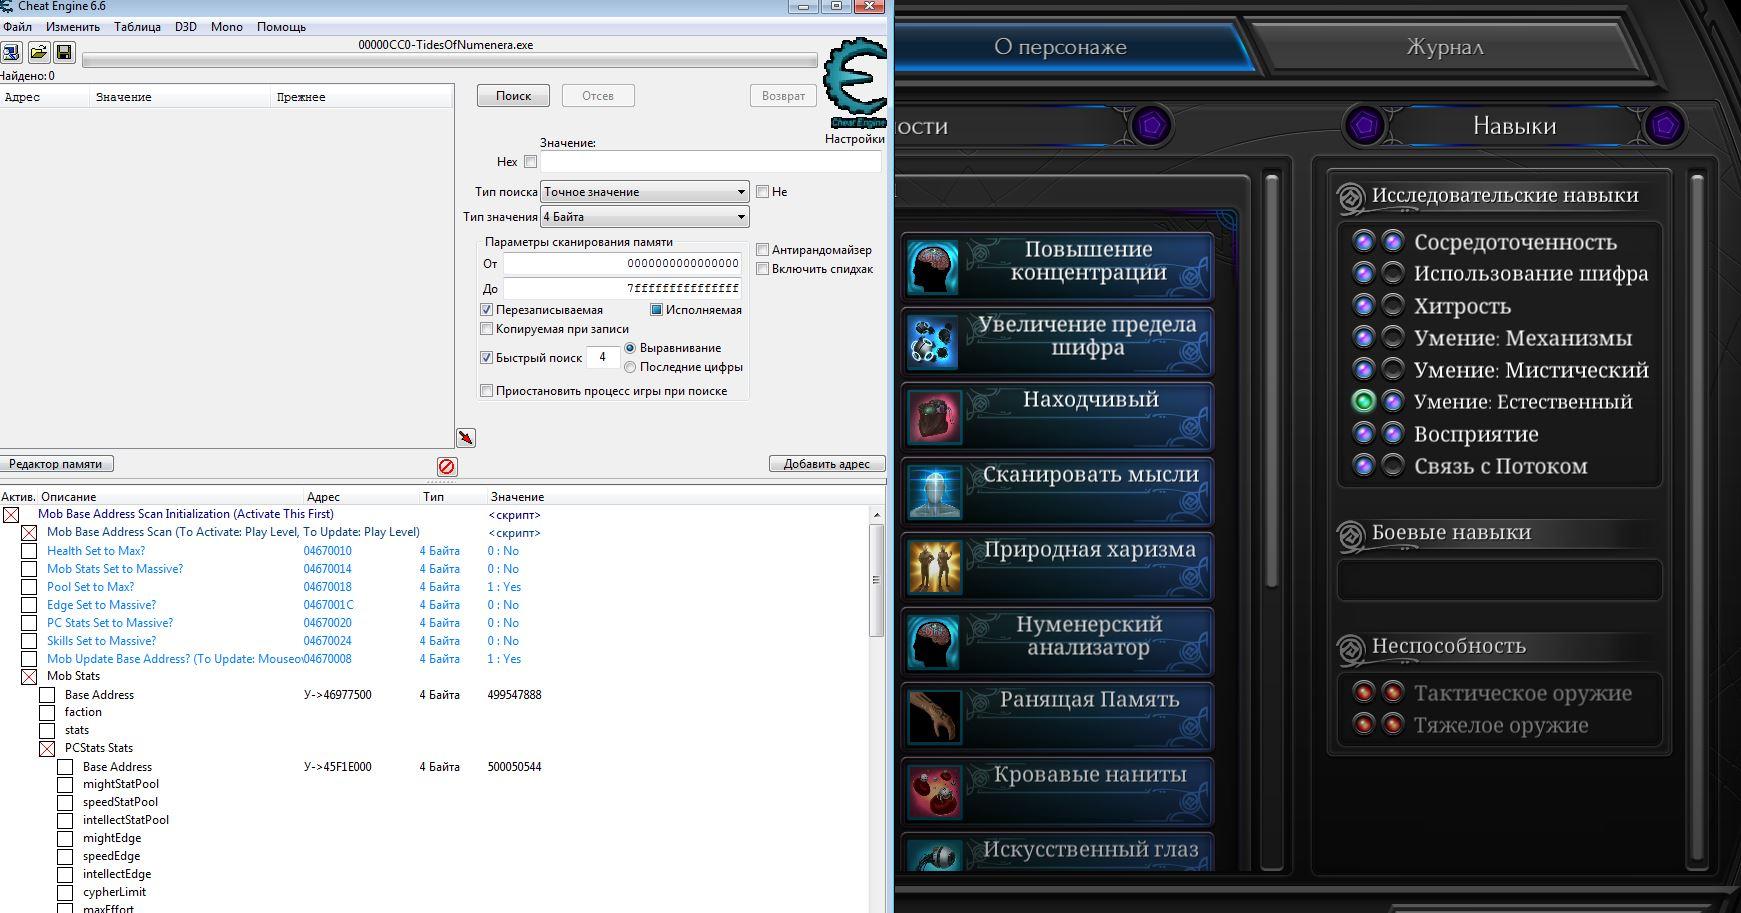 Как пользоваться Cheat Engine: подробная инструкция 83